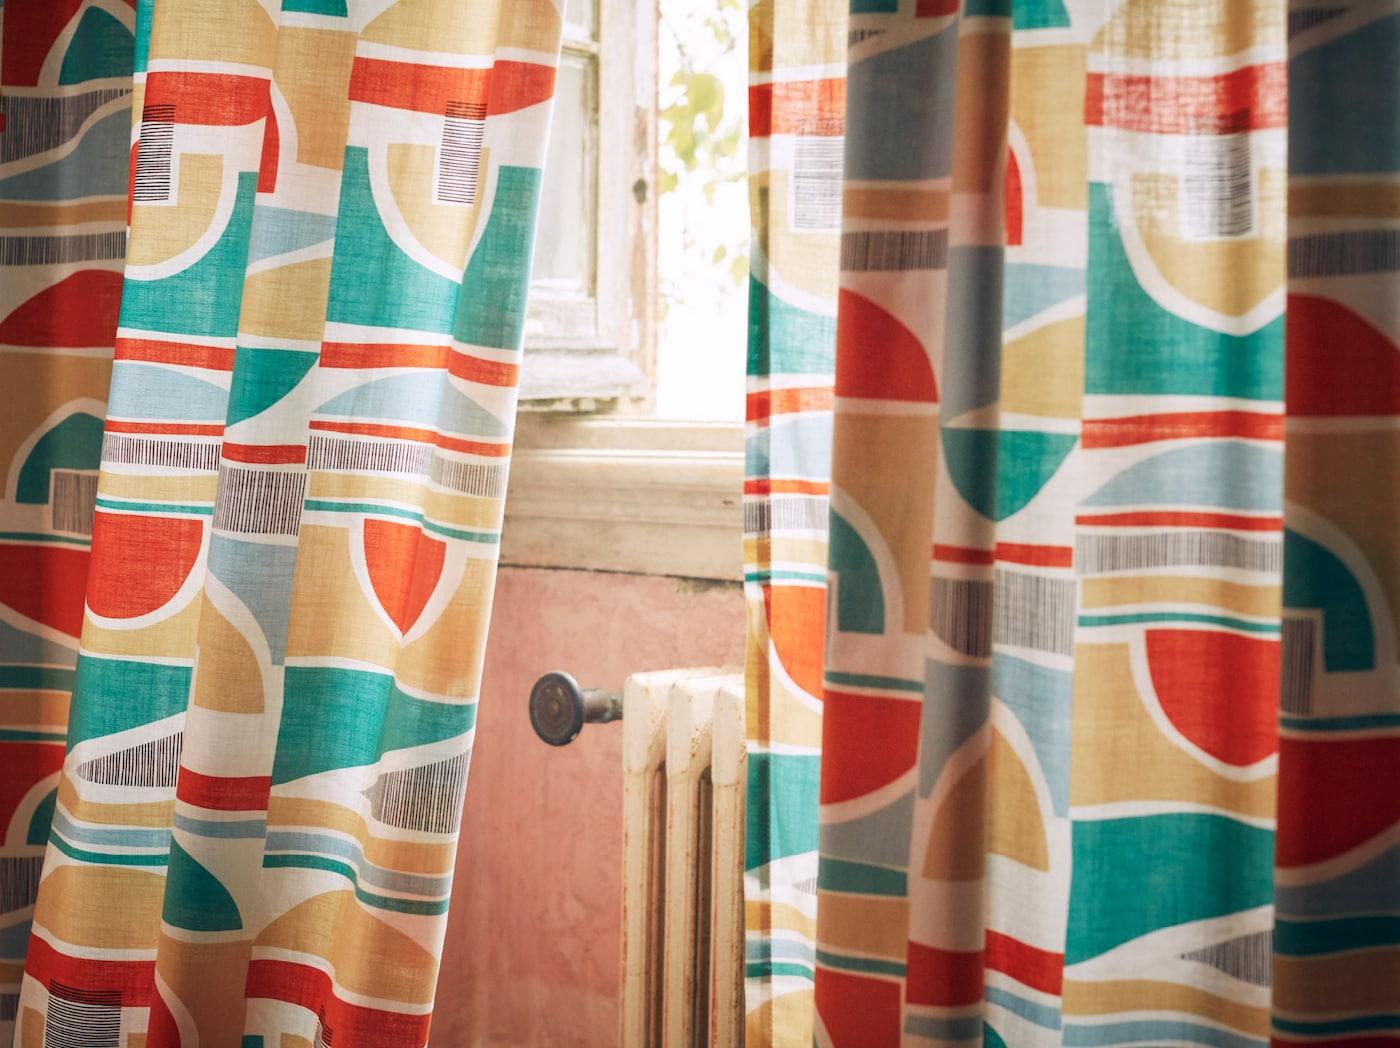 Dettaglio delle tende MARTORN con fantasia colorata ispirata allo stile anni '60 - IKEA